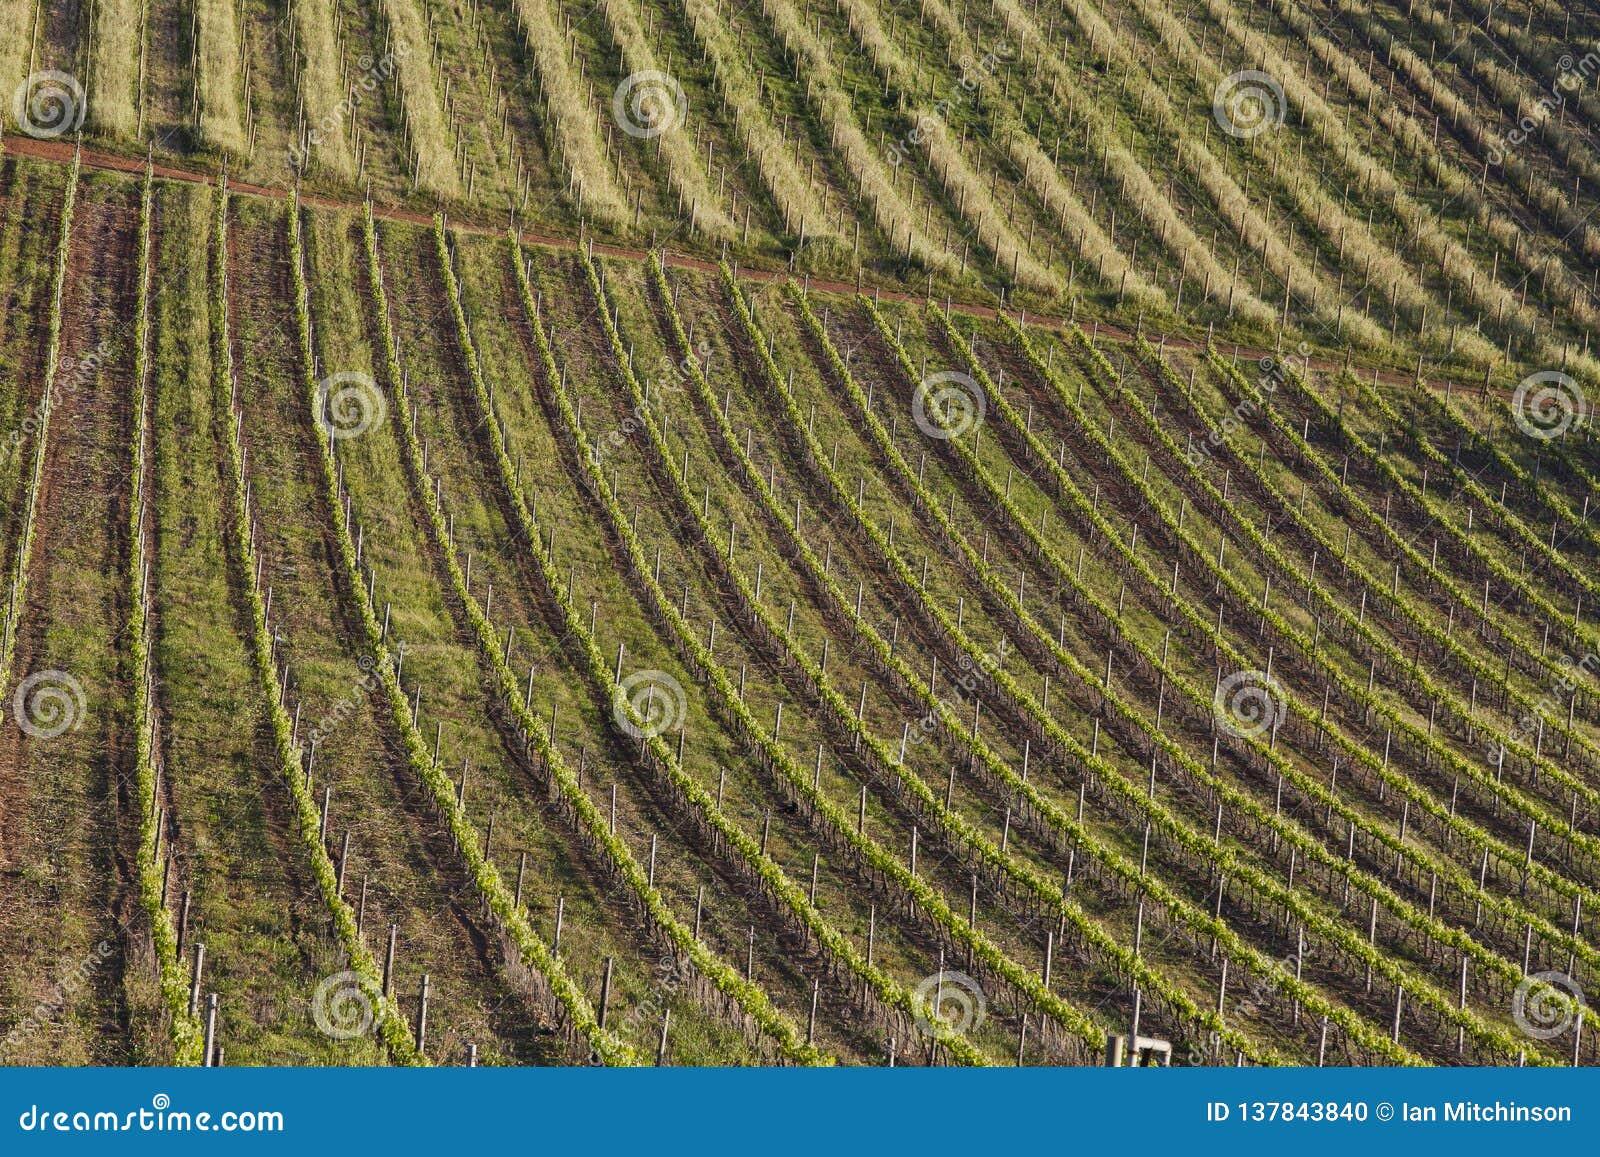 Rolling wijngaarden van een wijnlandbouwbedrijf in Zuid-Afrika